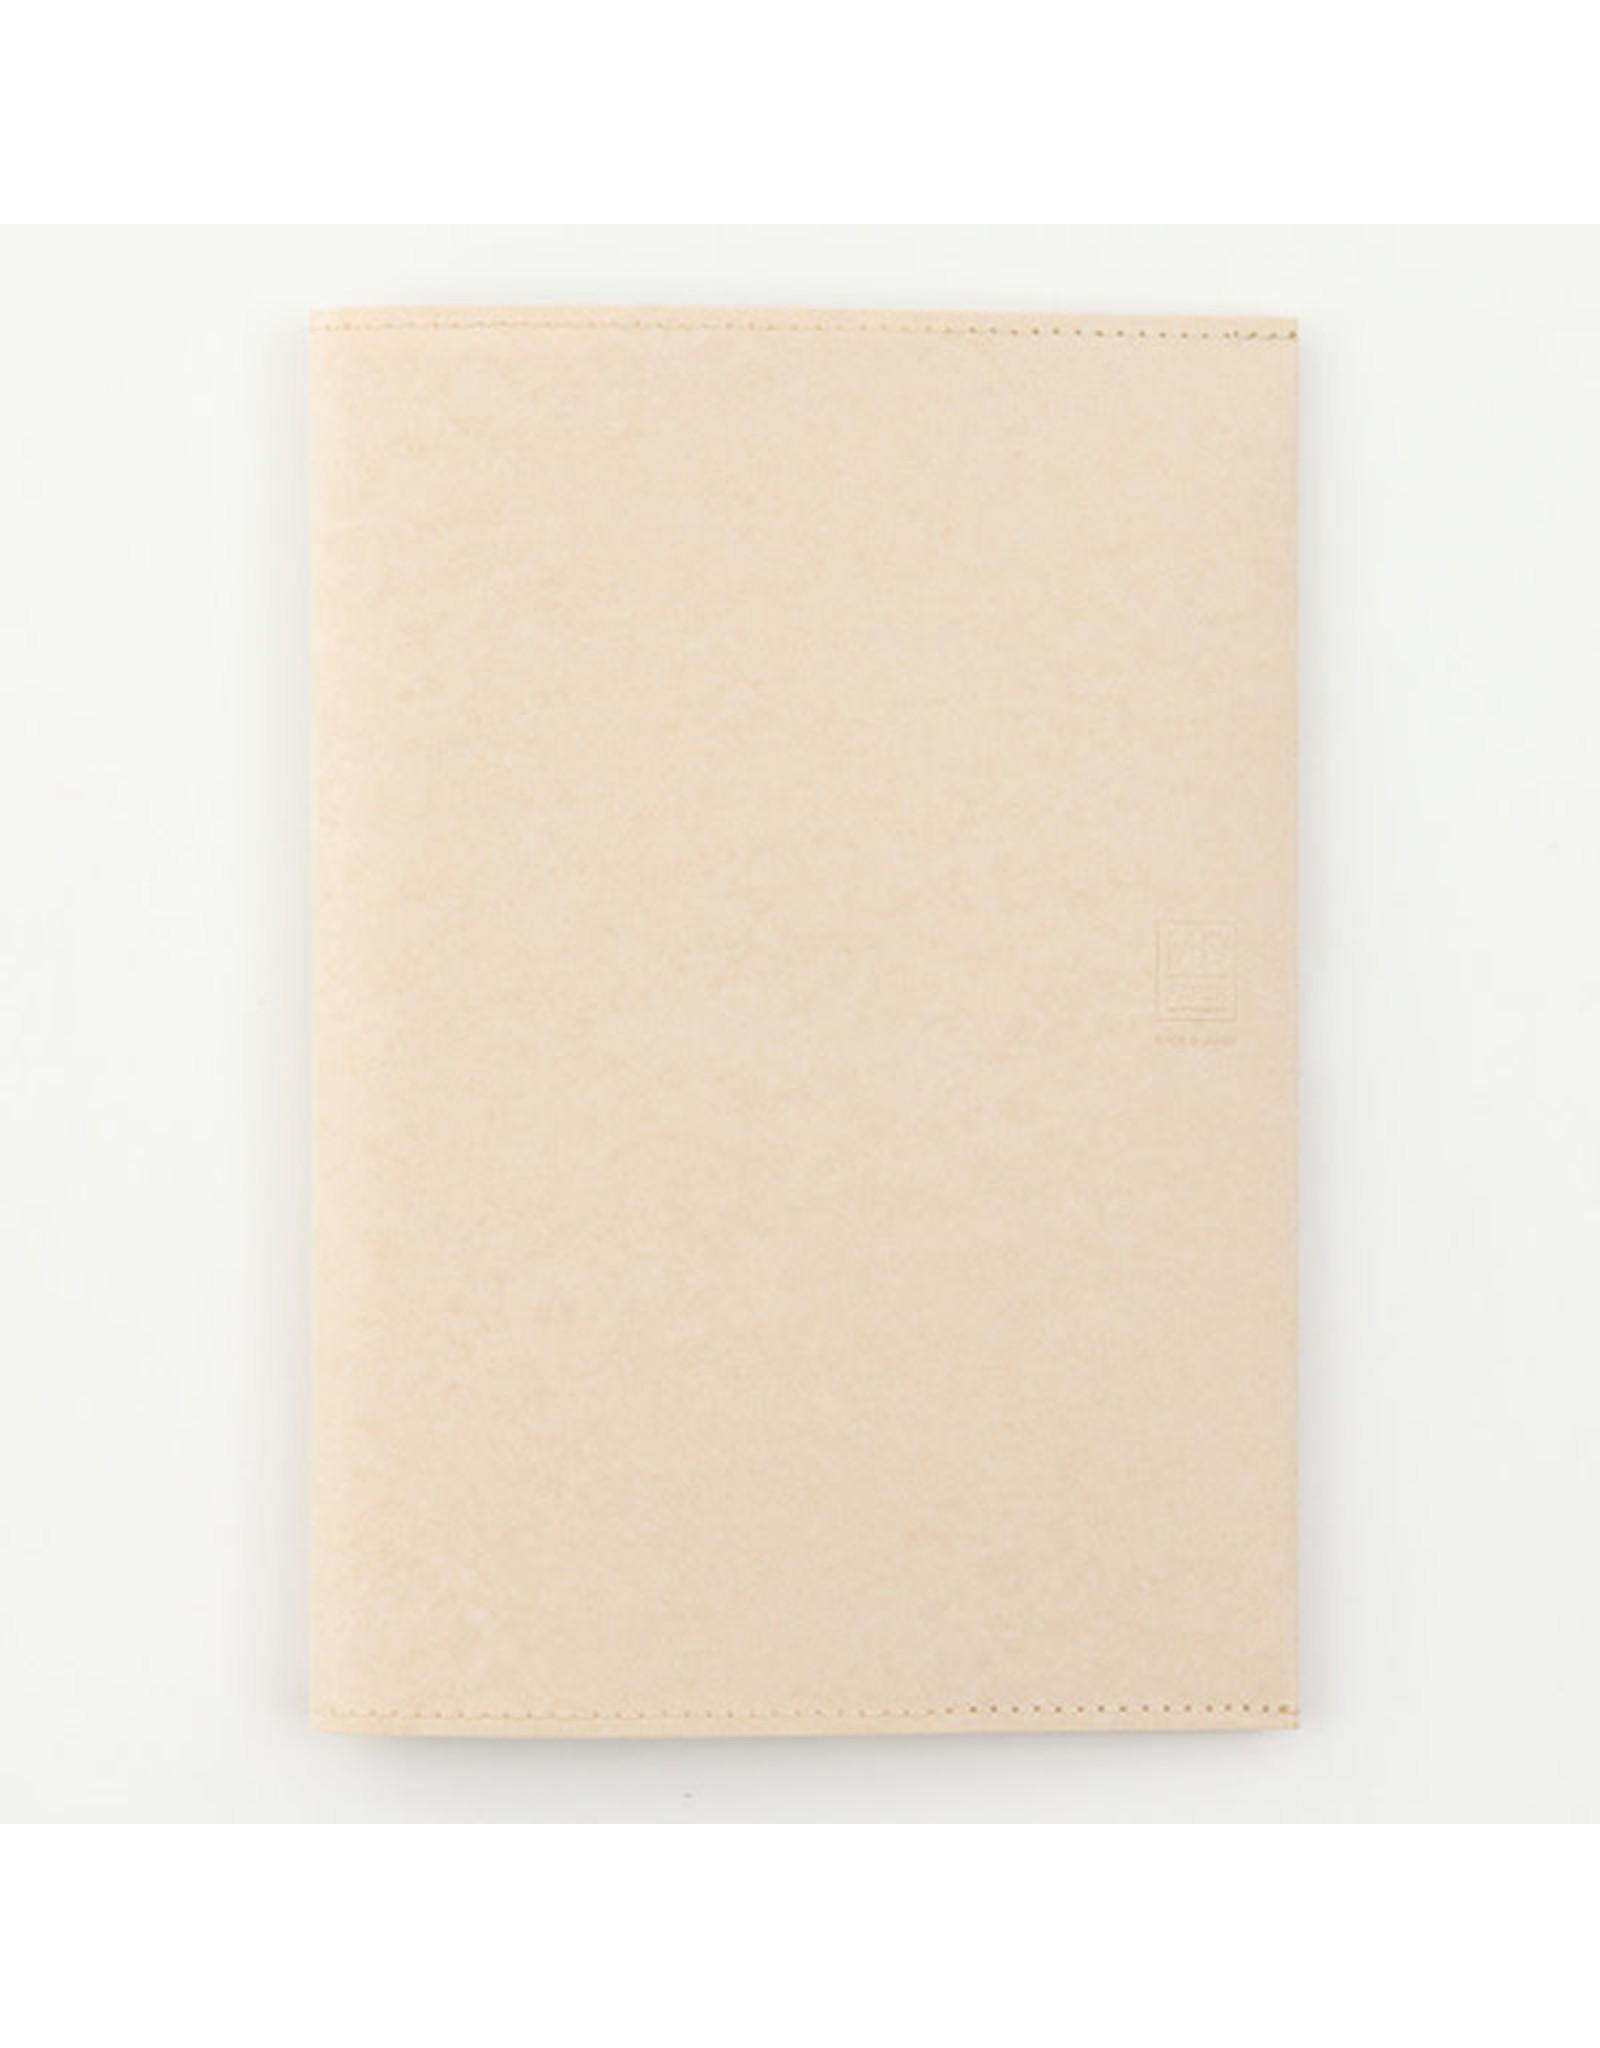 Designphil Inc. MD NOTEBOOK COVER [PAPER] A5